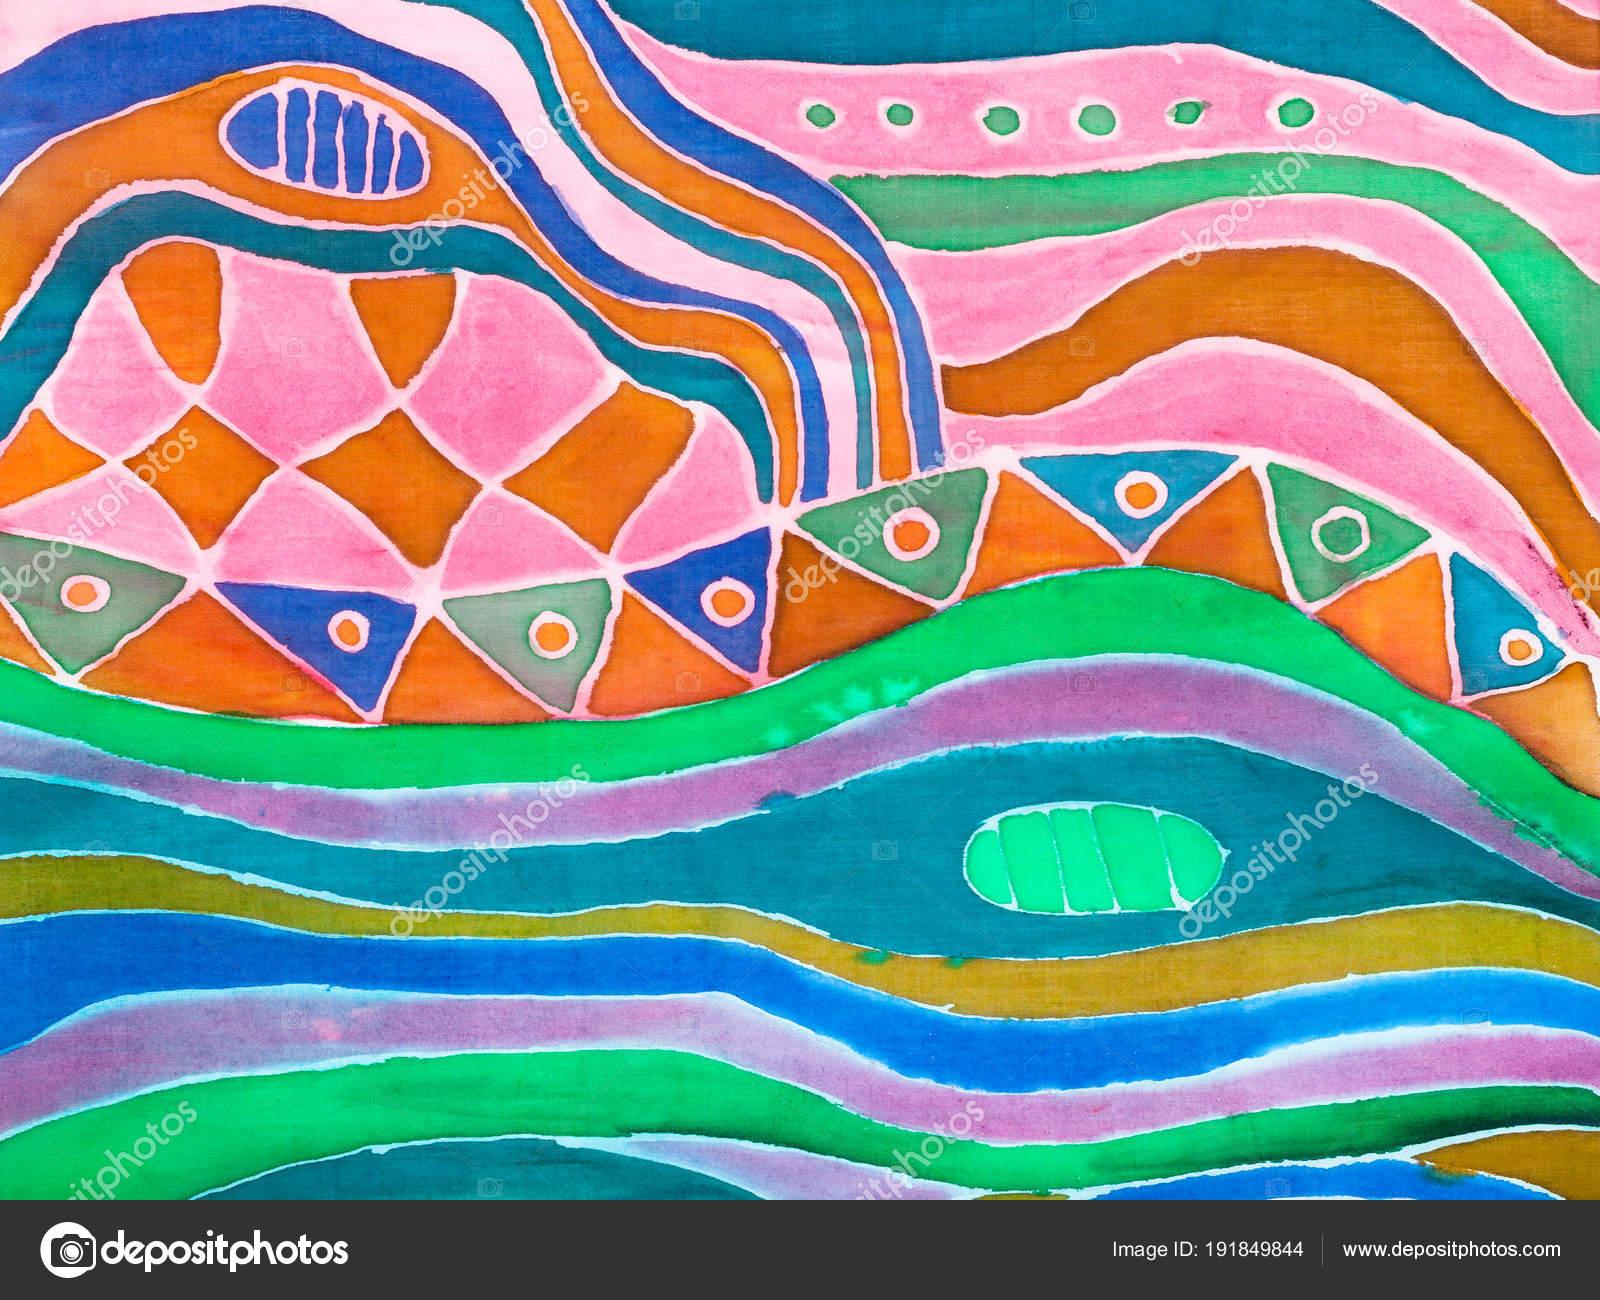 ab097b20e159 Modèle abstrait sur foulard en soie peint en technique de froid contour  batik — Image de vvoennyy